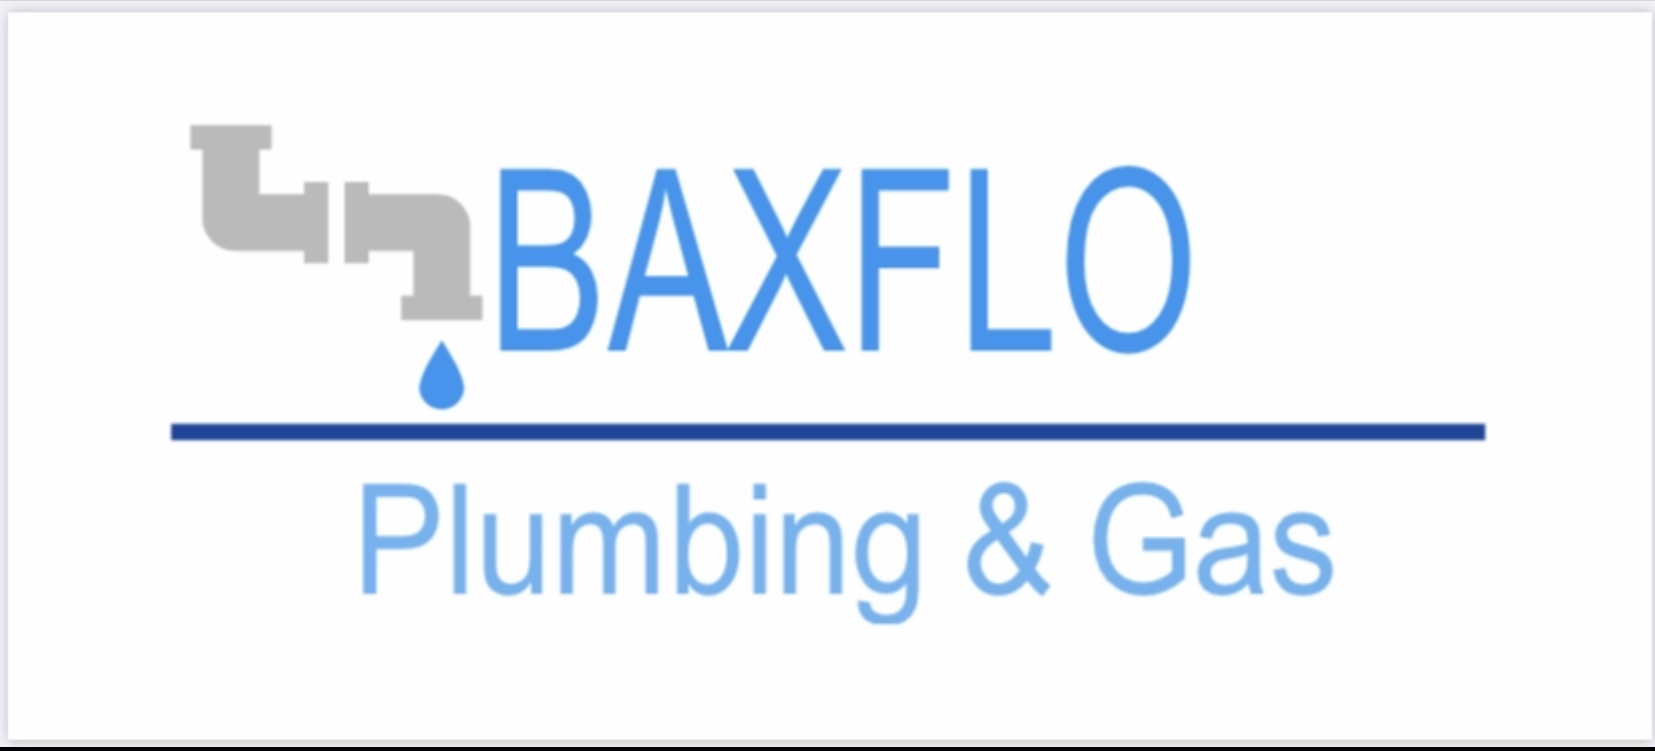 Baxflo Plumbing & Gas